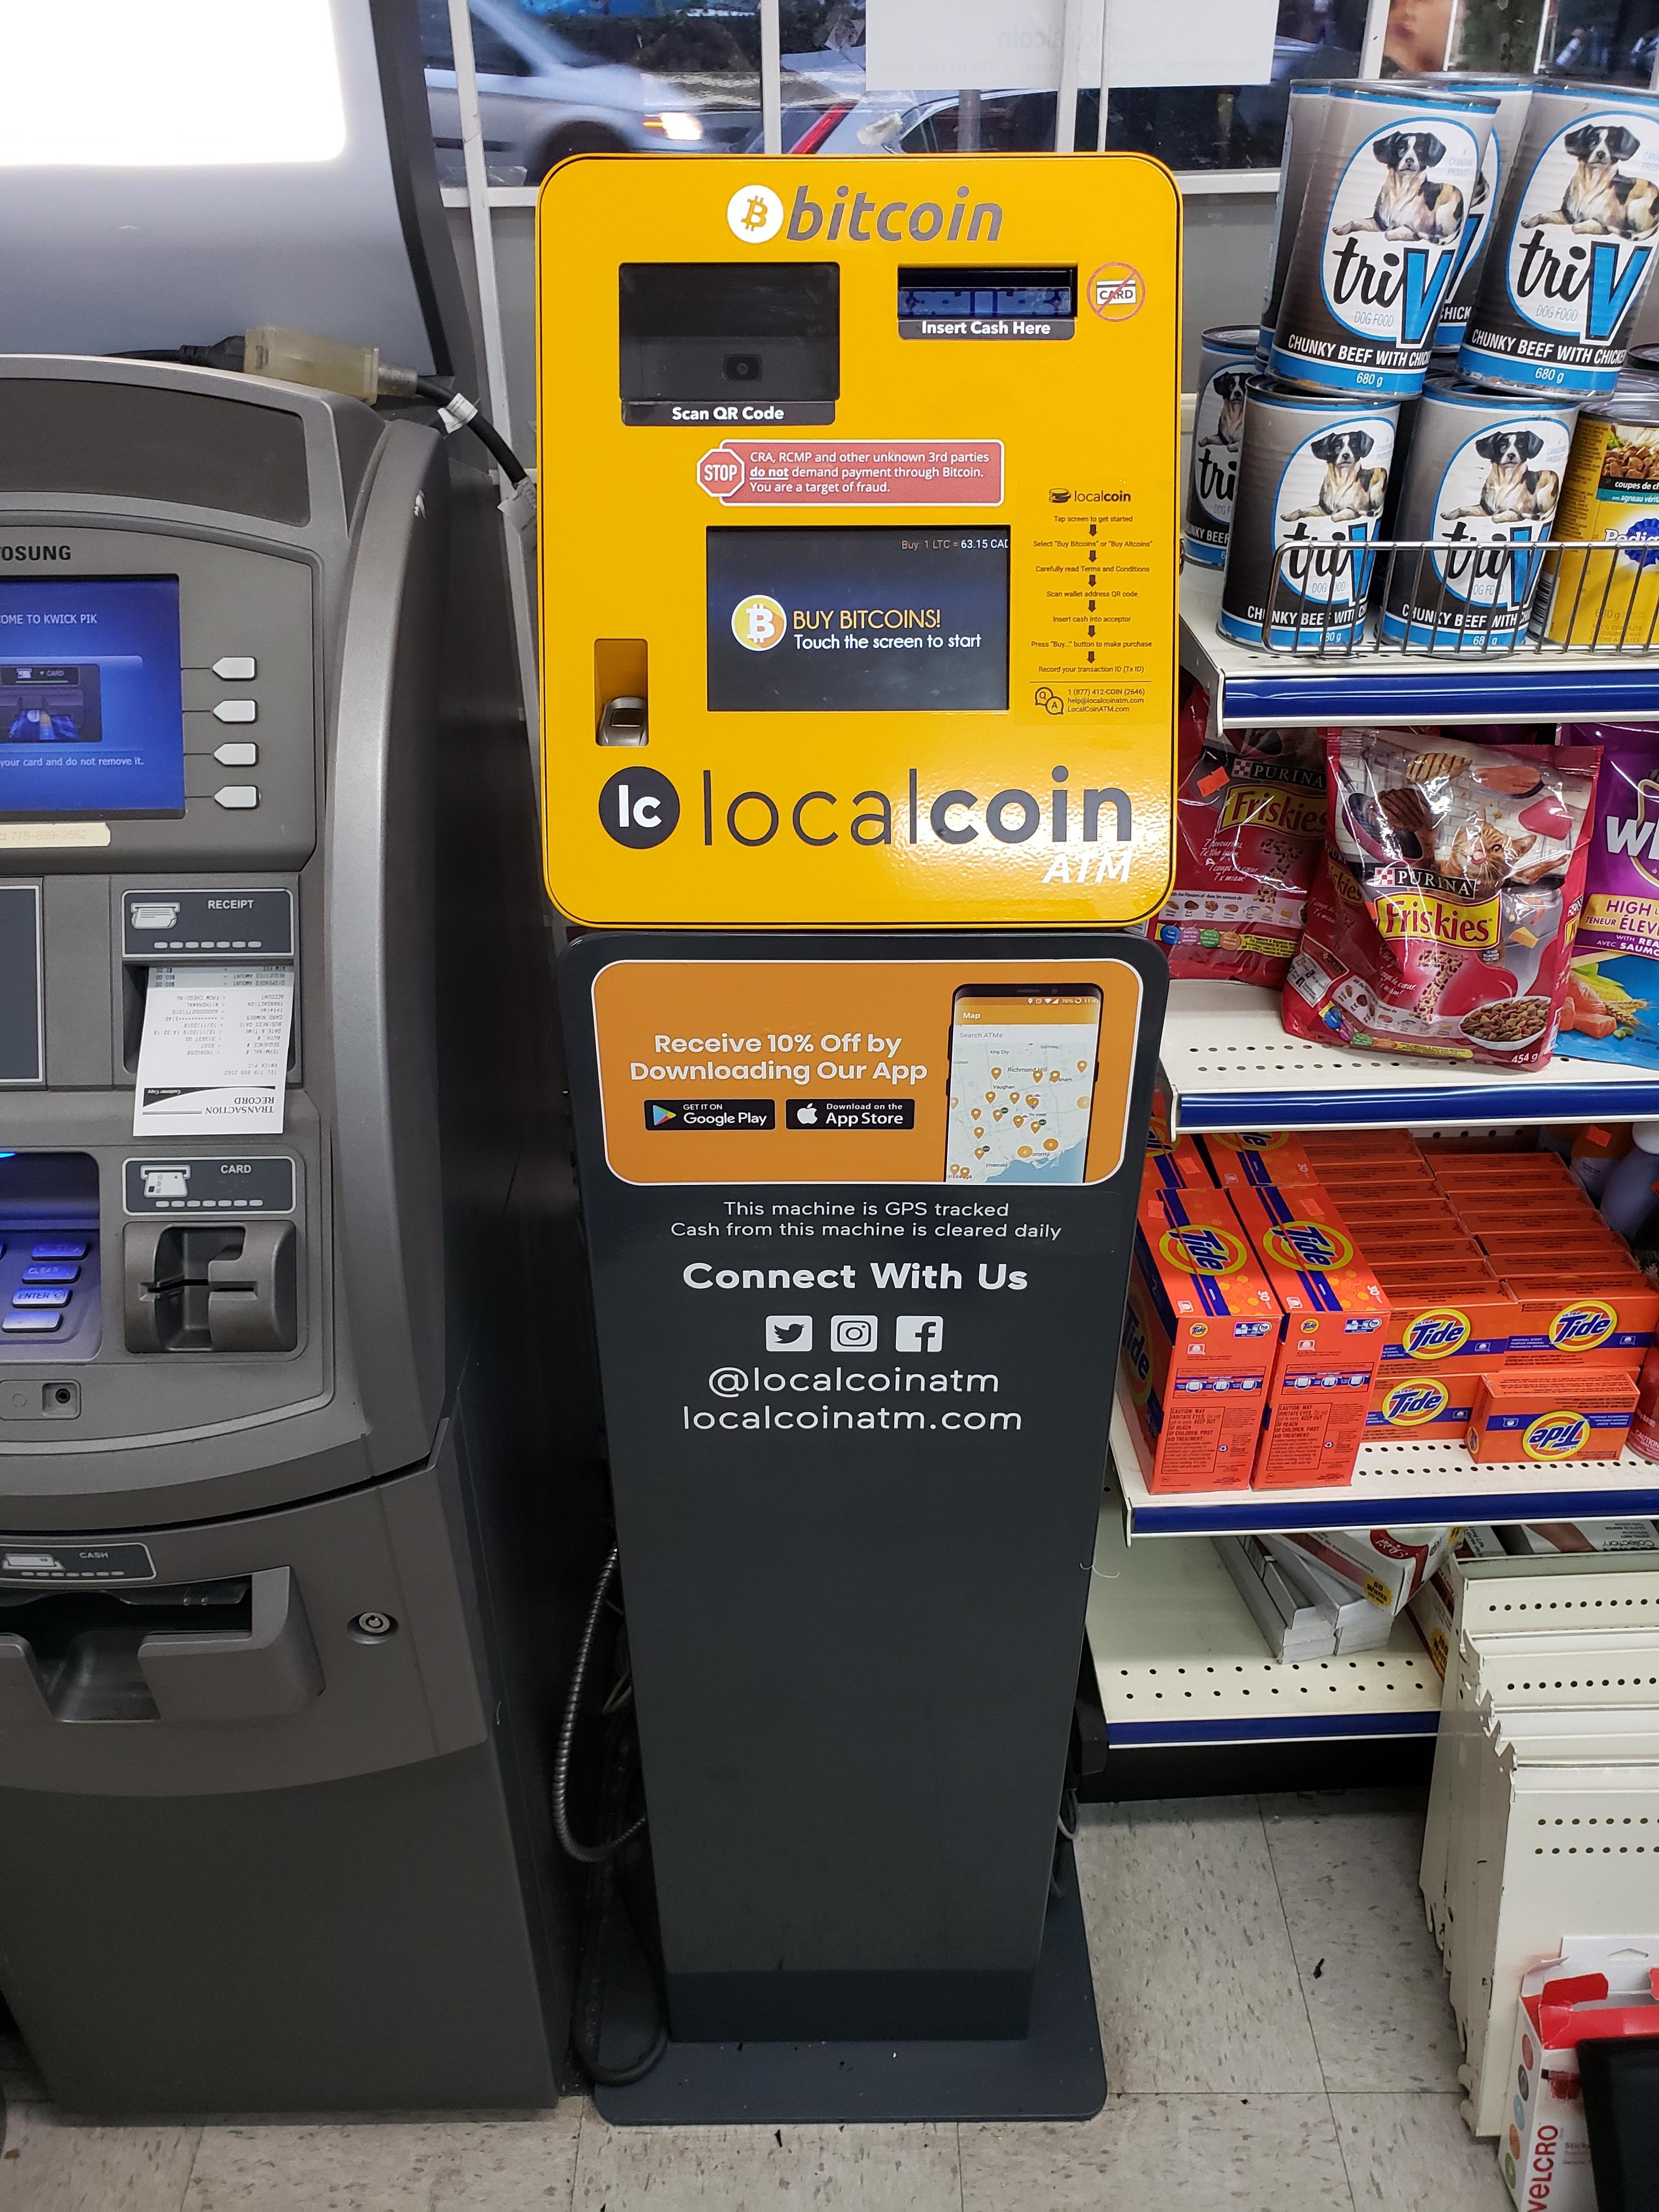 il bitcoin macchina Semplificare le transazioni - scrivendovolo.it